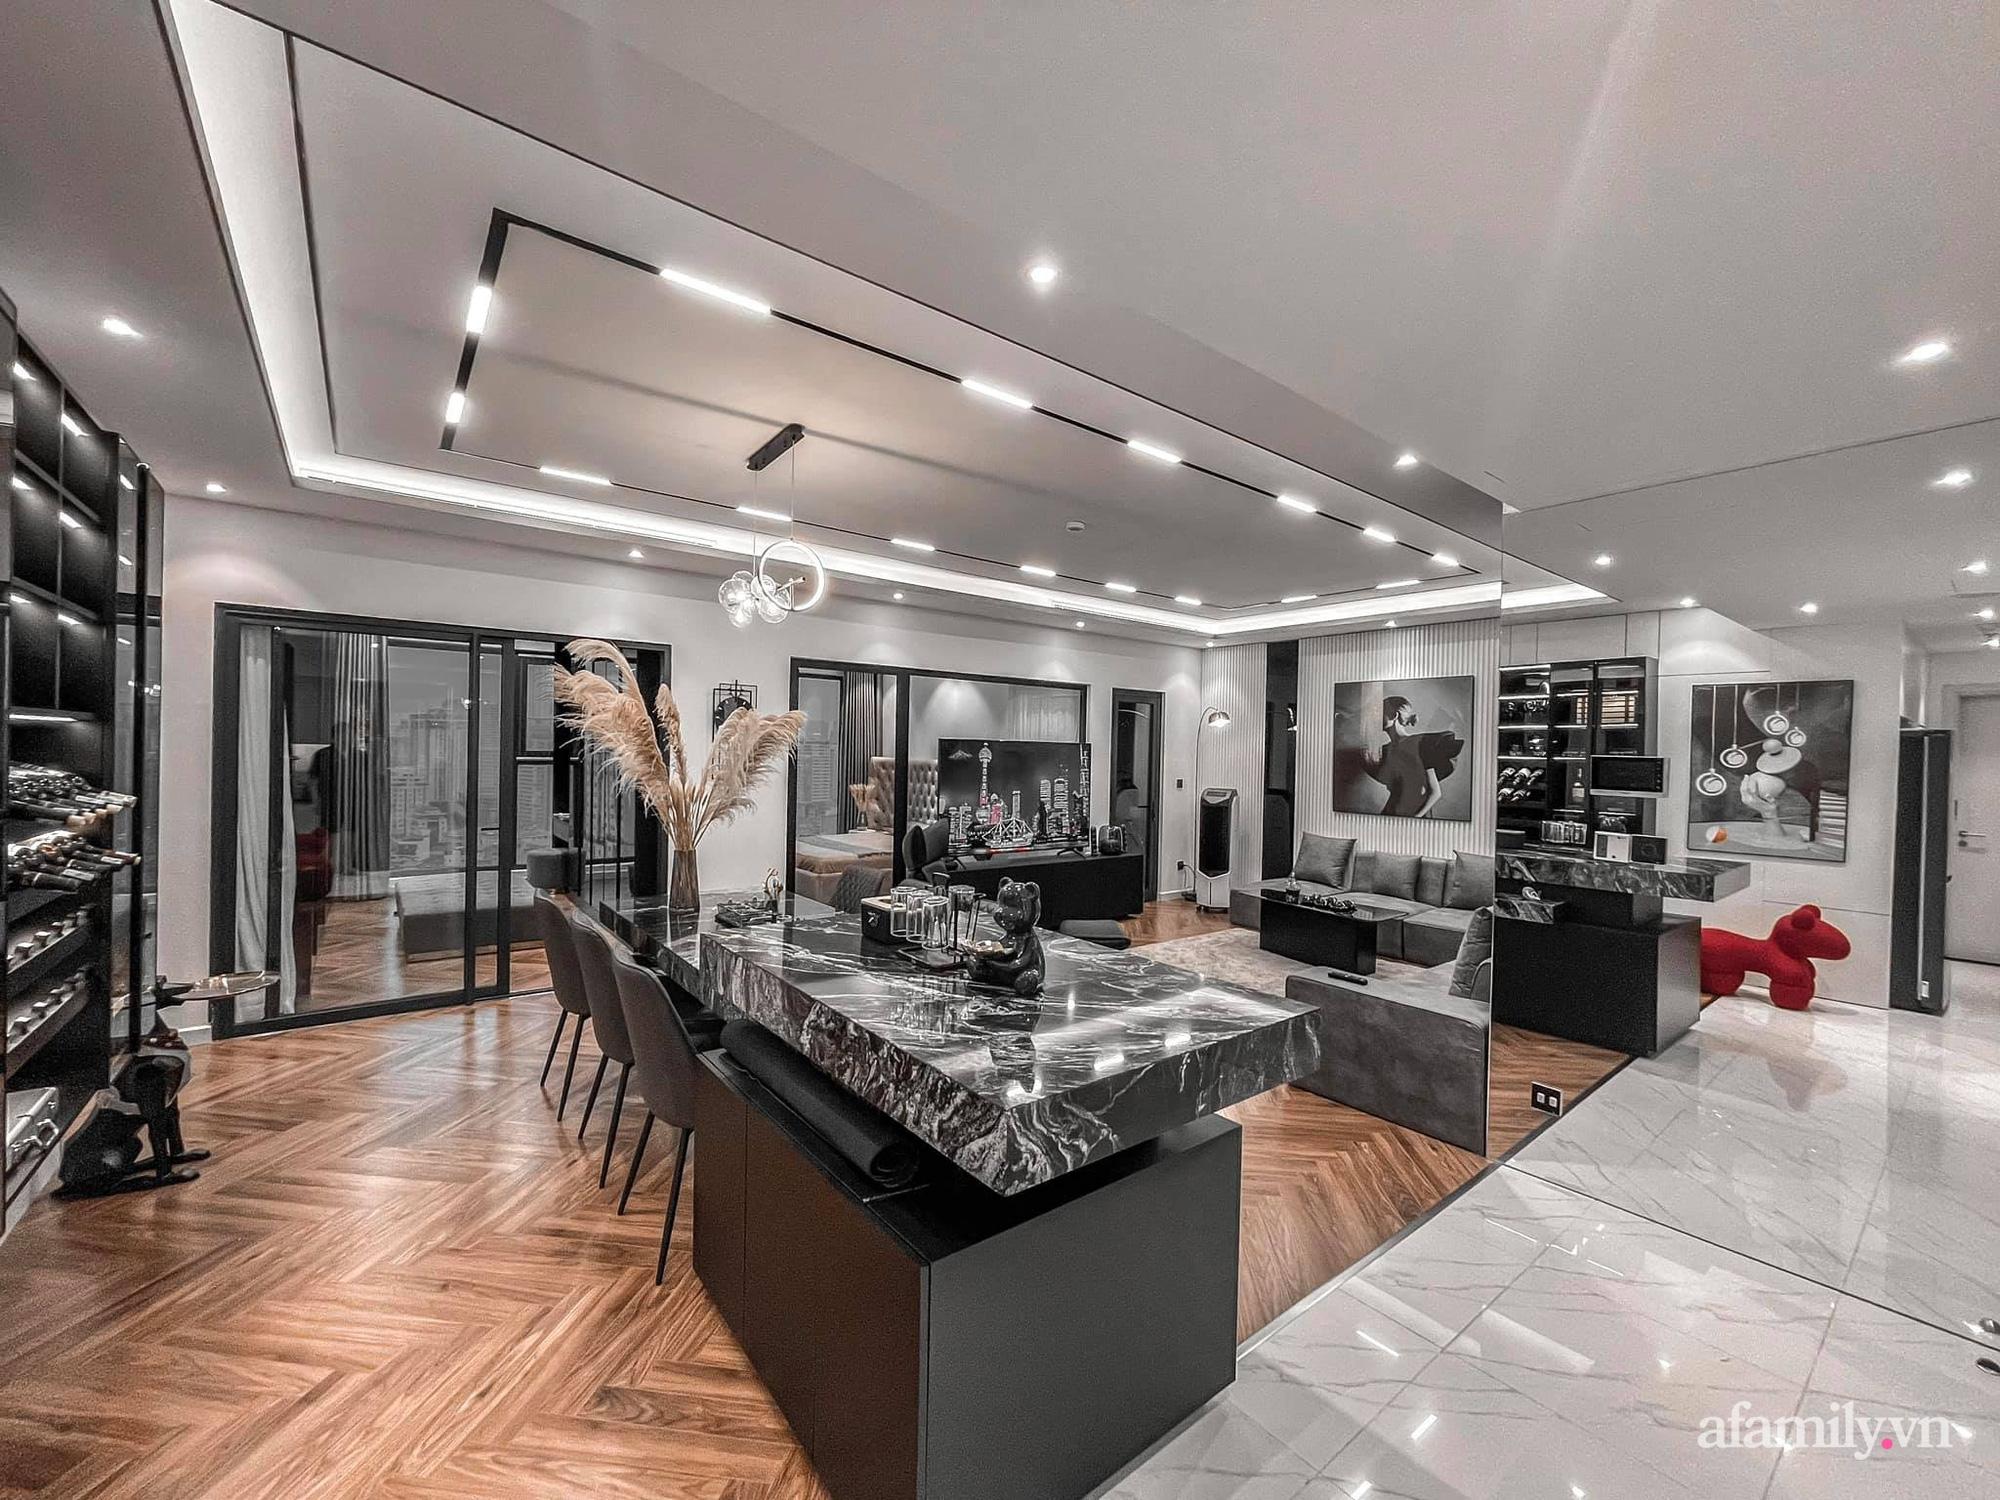 Căn hộ 125m² với gam màu tối cực chất của cặp vợ chồng yêu thời trang ở Hà Nội - Ảnh 10.